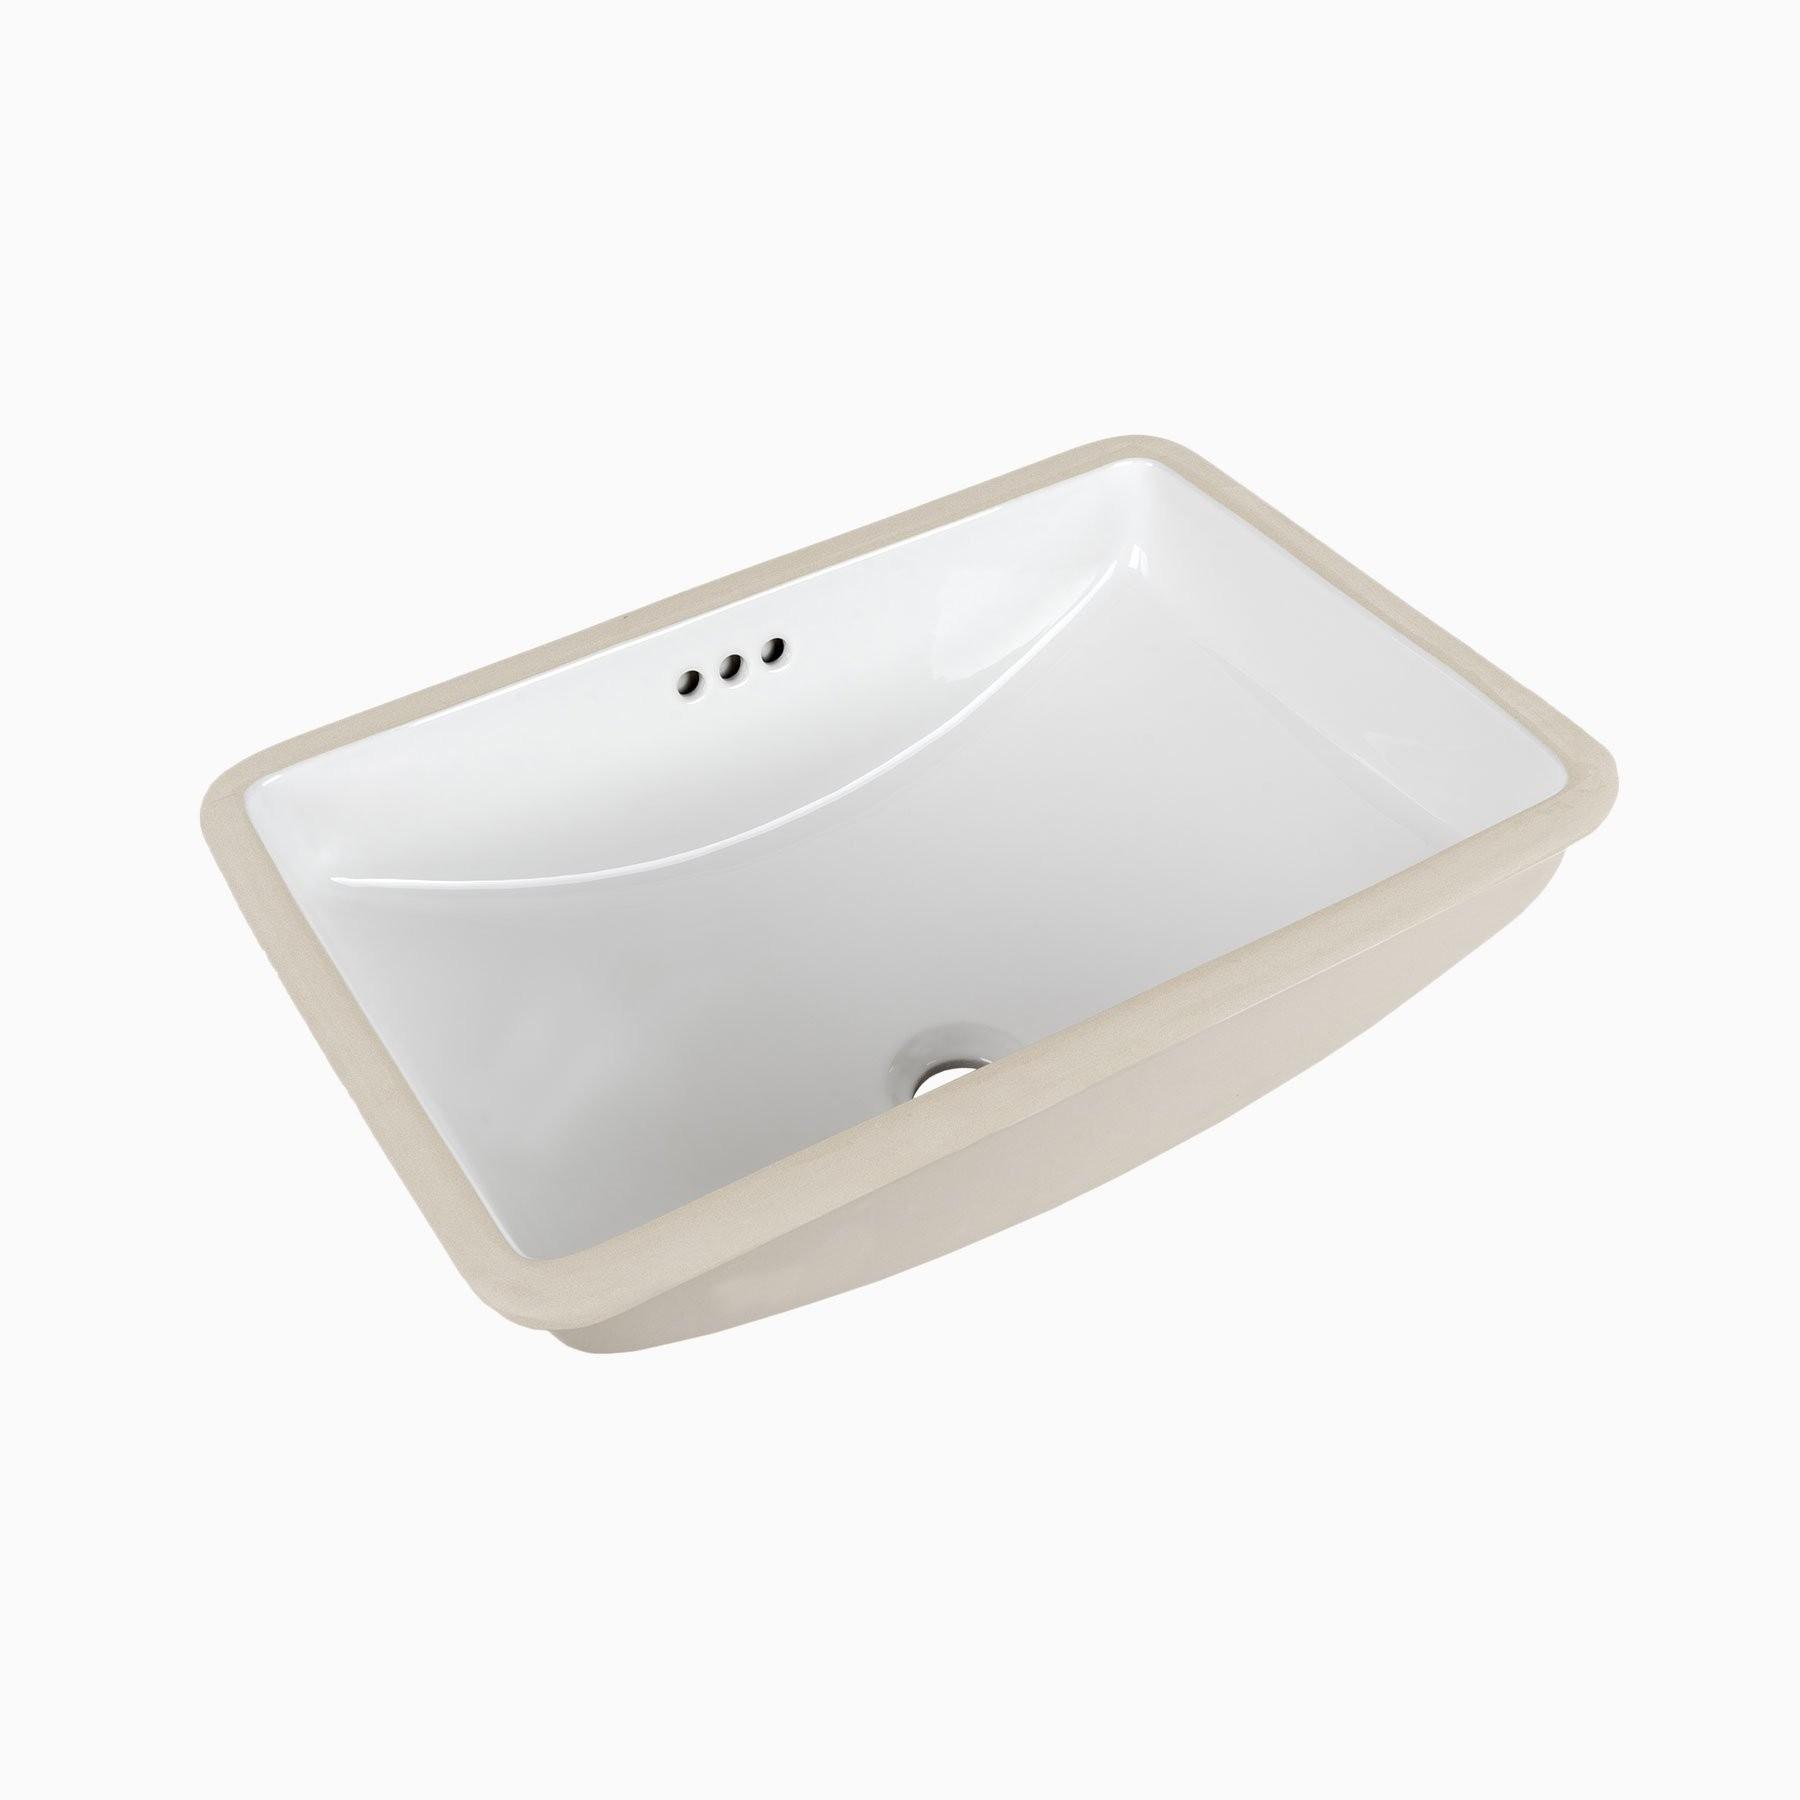 Bristol Ceramic Undermount Sink In White